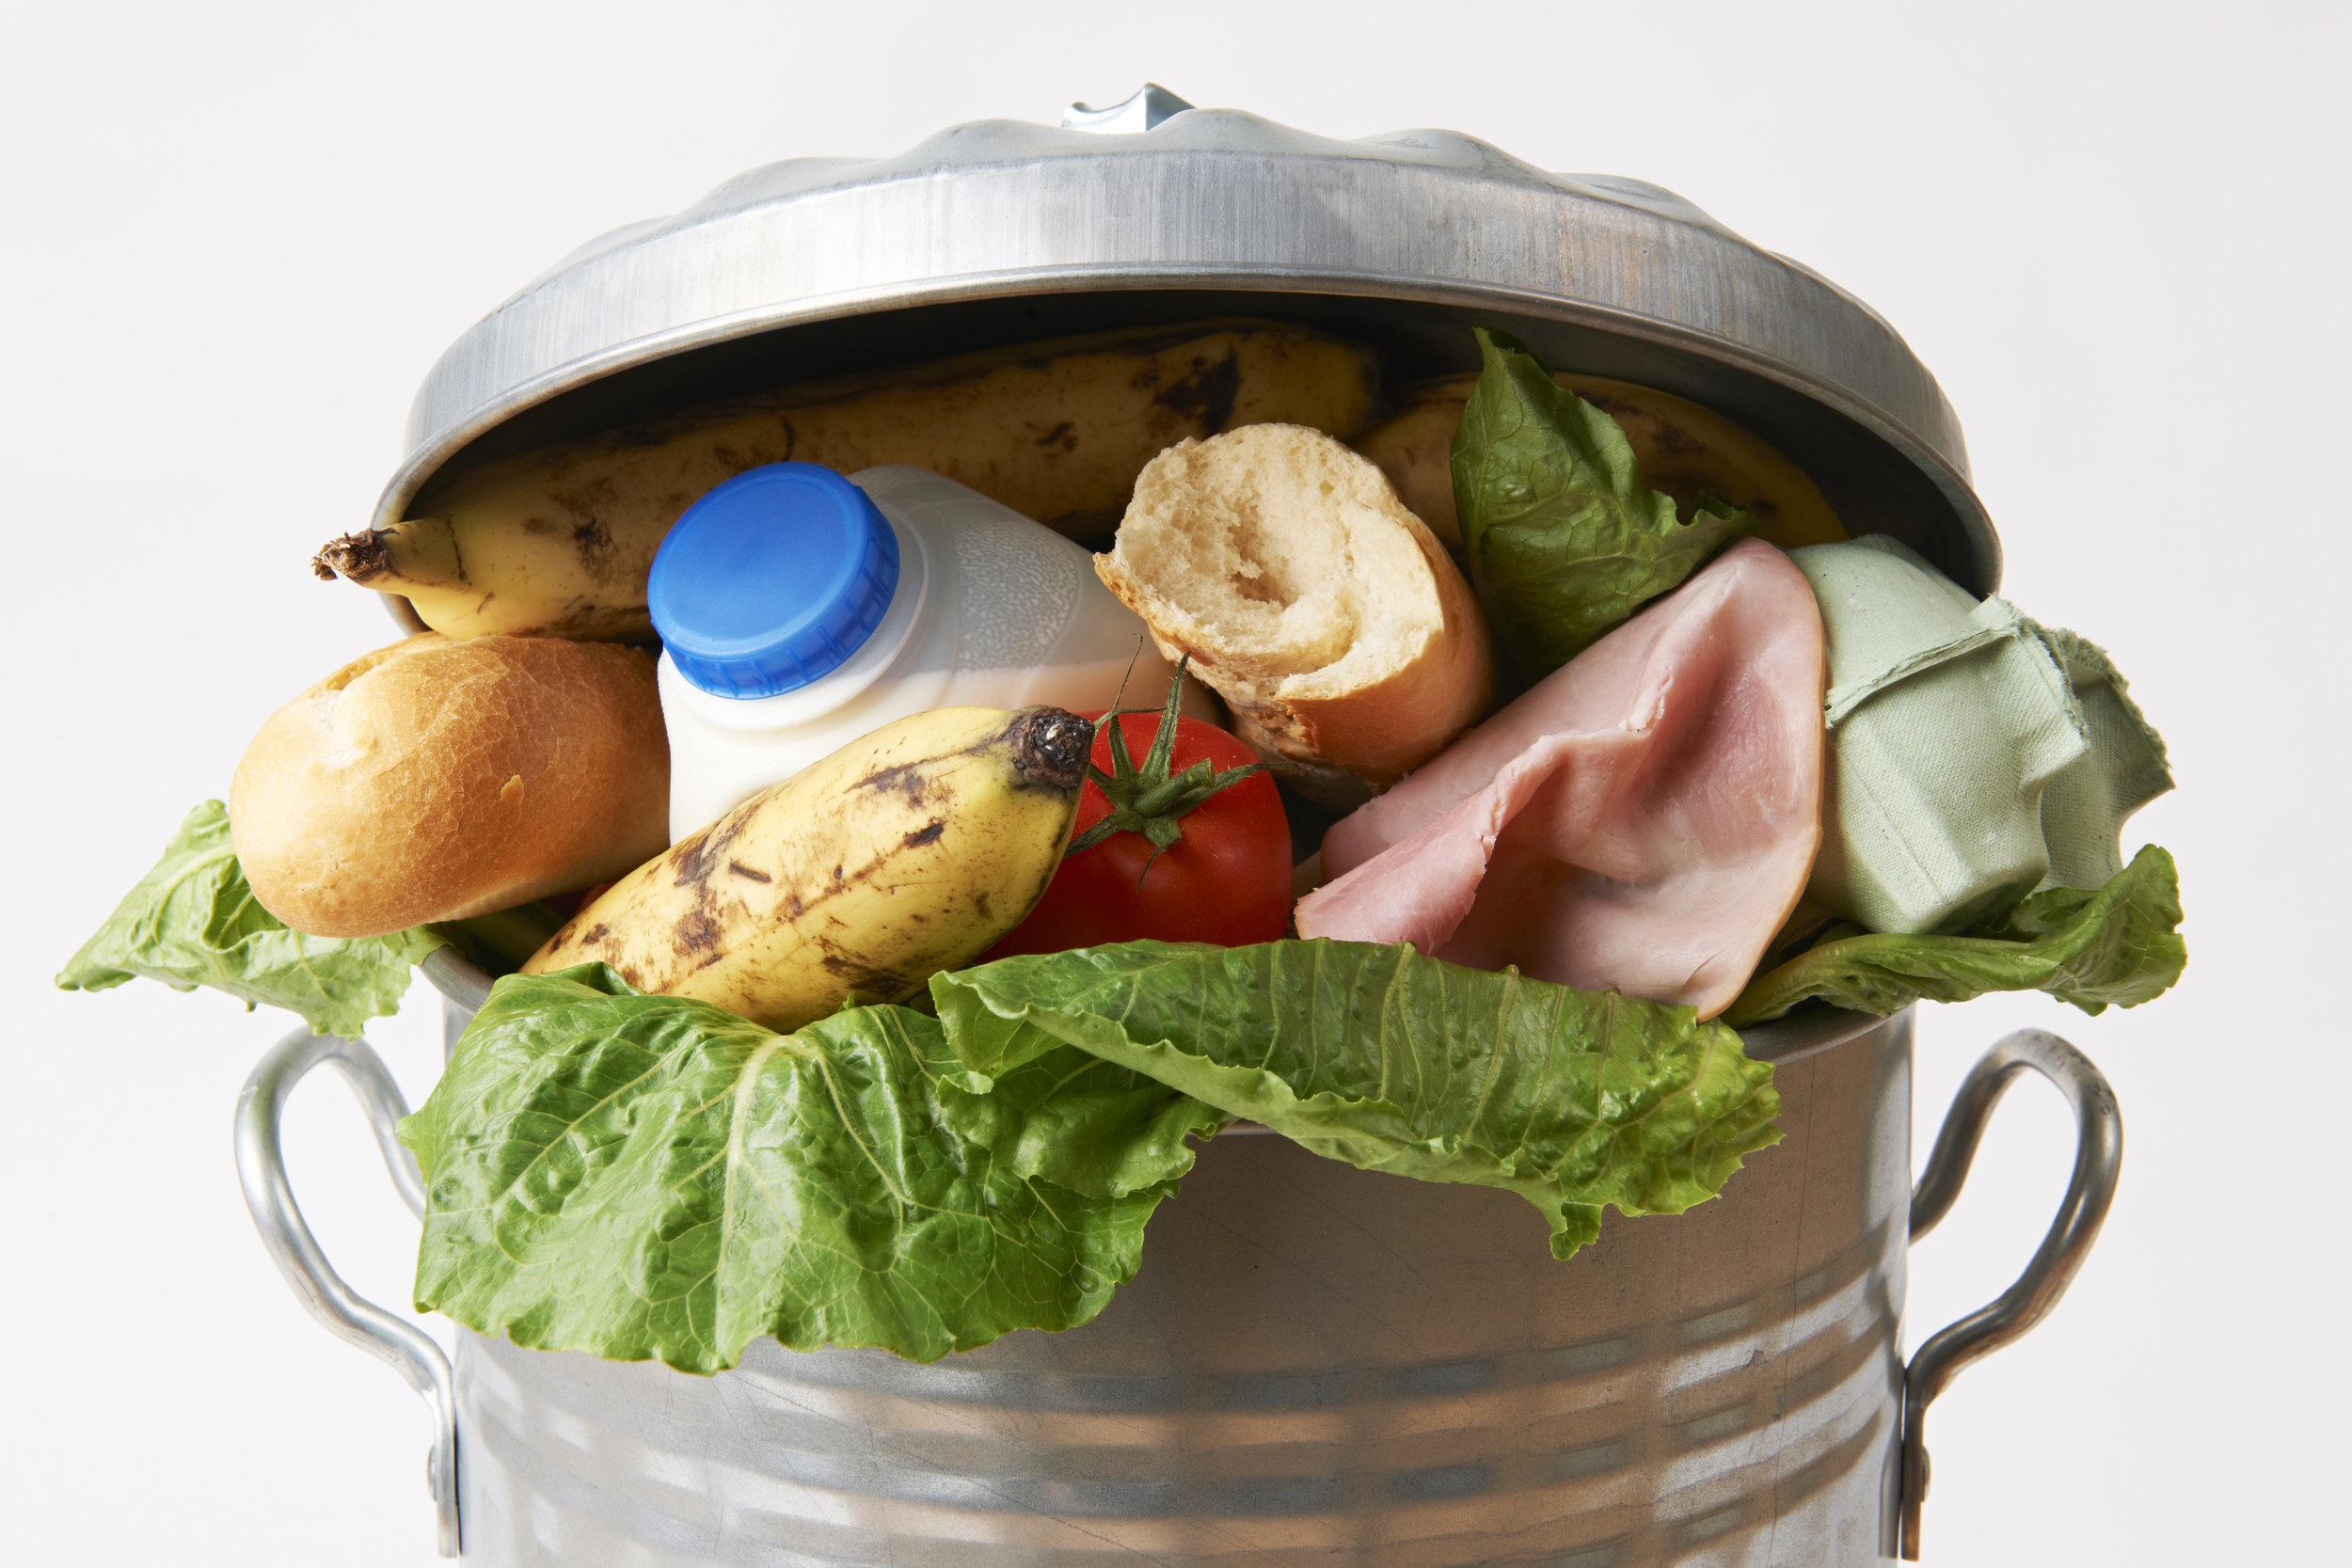 Food-Waste und Nachhaltigkeit der modernen Küchenorganisation - Referent: Jörg Tittnack